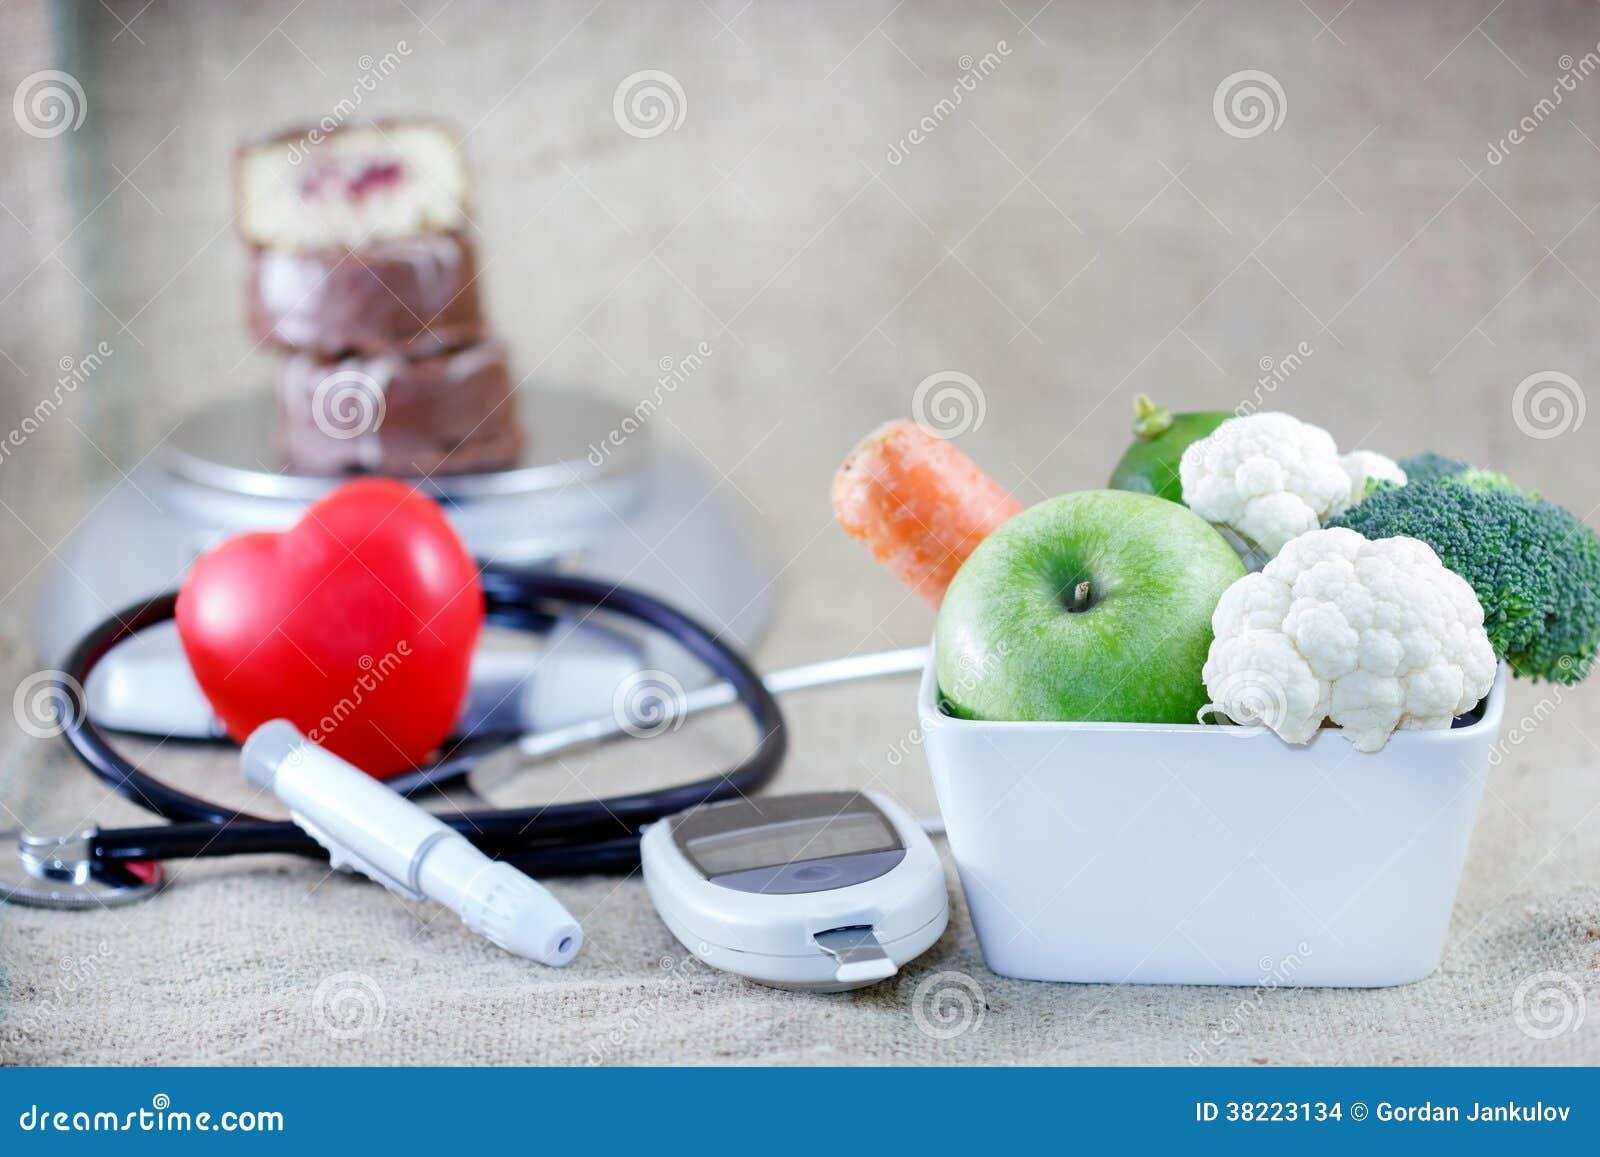 Правильная и сбалансированная диета для избежания диабета